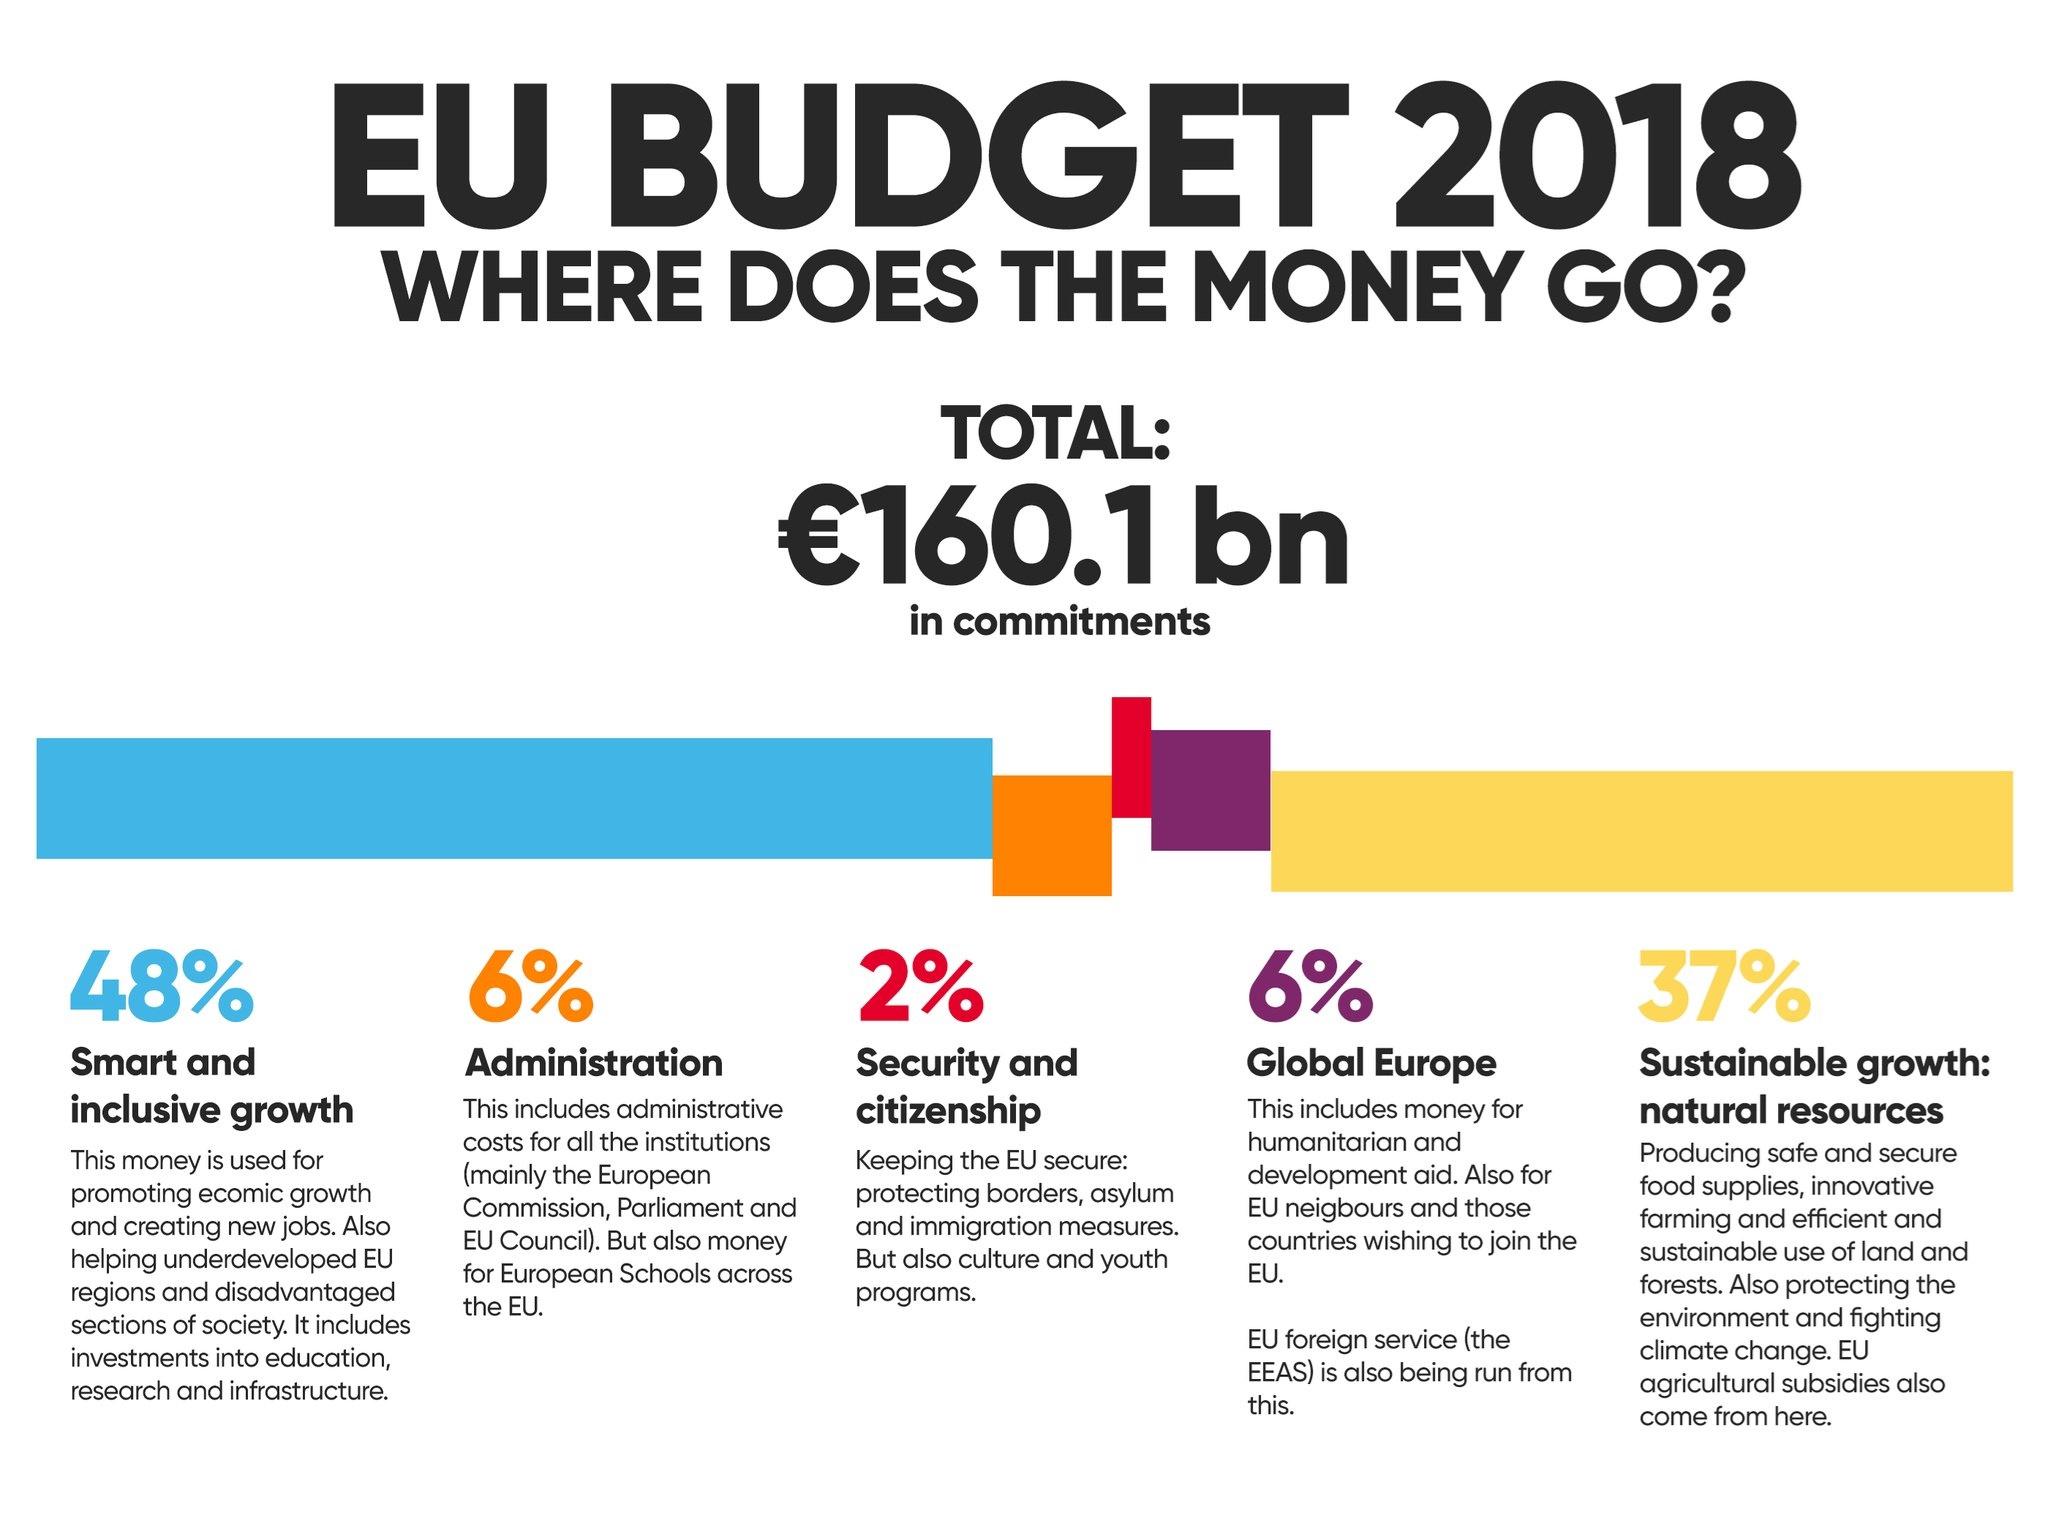 بودجه اتحادیه اروپا | پولها کجا خرج میشود؟